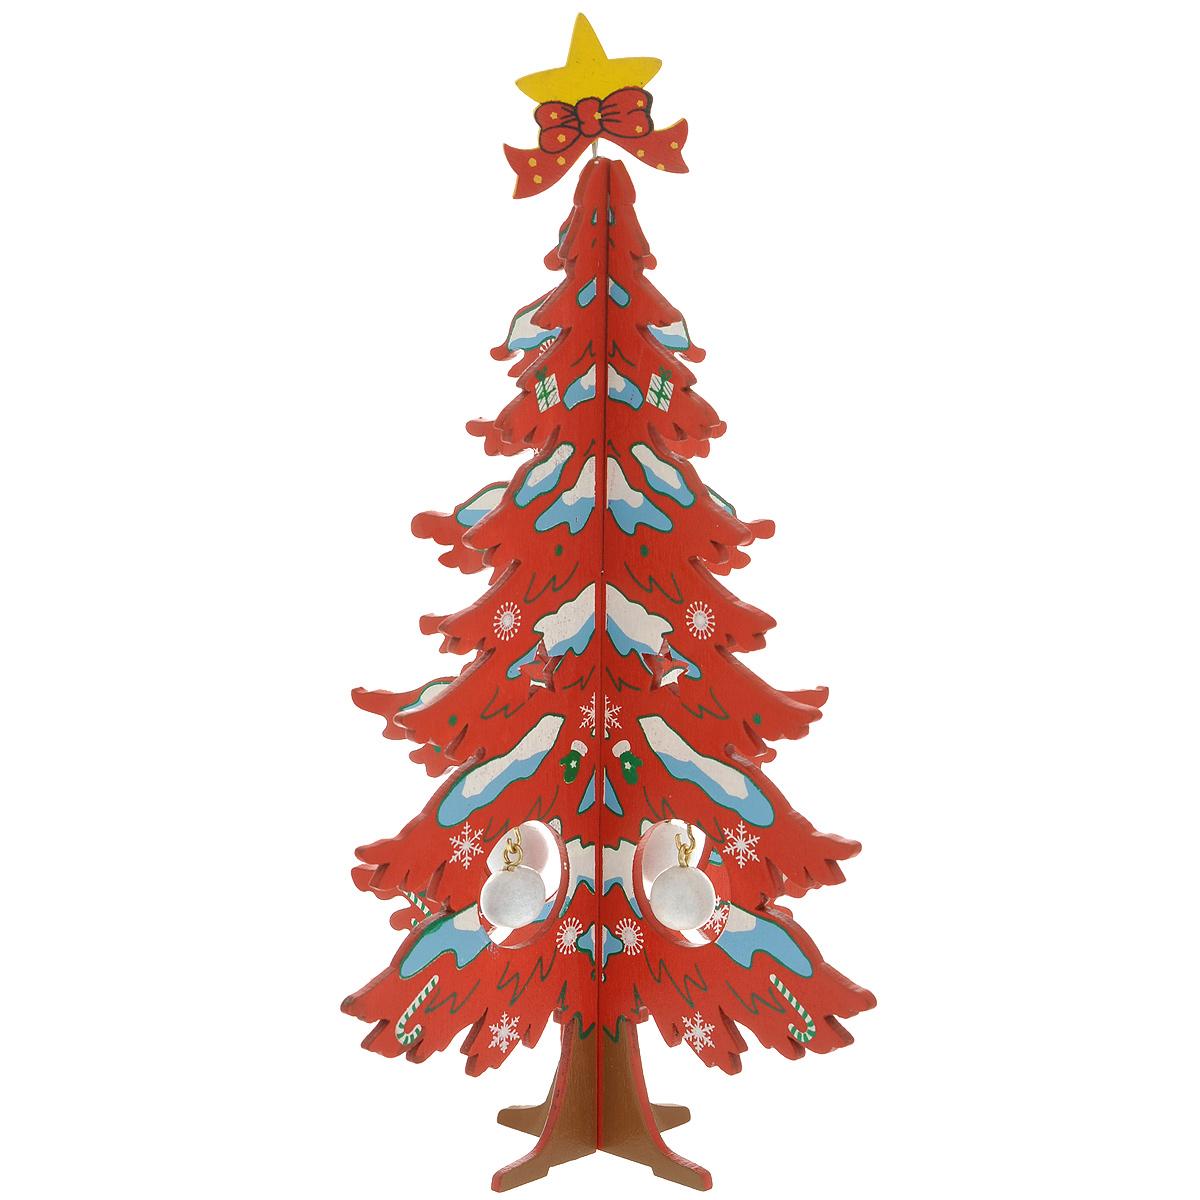 Украшение новогоднее Елочка снежная, цвет: красный, 17 см. 3526135261Украшение Елочка снежная, изготовленное из дерева, отлично подойдет для декорации вашего дома. Украшение выполнено в виде заснеженной ели, которая собирается из двух частей крест-накрест. Елка украшена снежинками, верхушкой-звездой и новогодними шариками, которые подвешиваются на металлические крючки. Новогодние украшения всегда несут в себе волшебство и красоту праздника. Создайте в своем доме атмосферу тепла, веселья и радости, украшая его всей семьей.